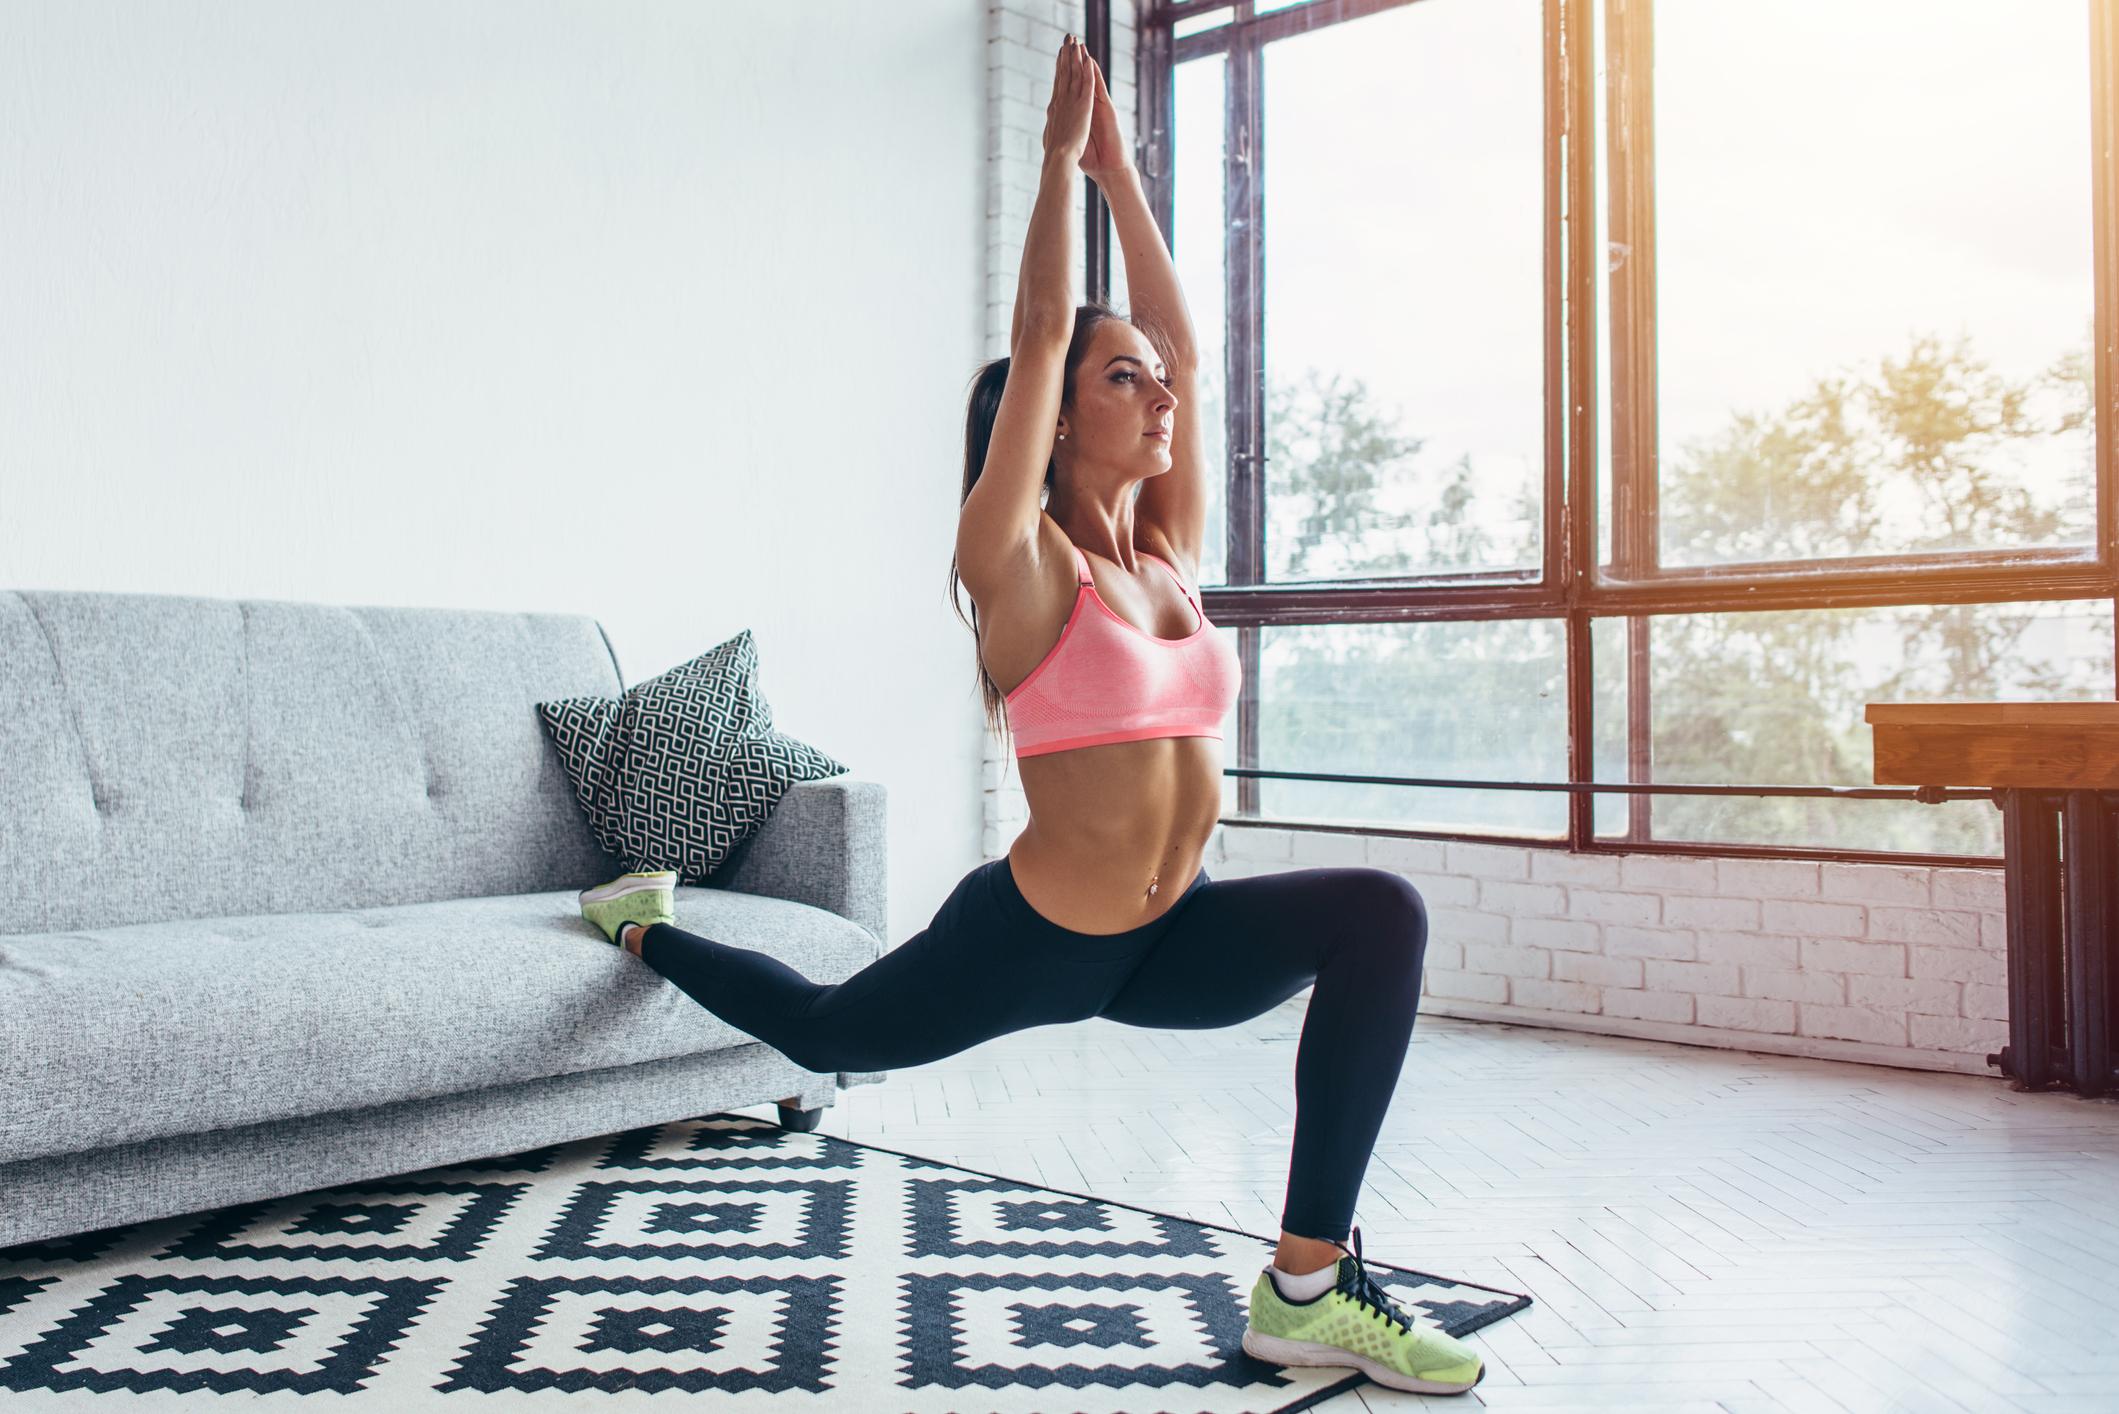 Чому тренування з власною вагою корисніше вправ на тренажерах